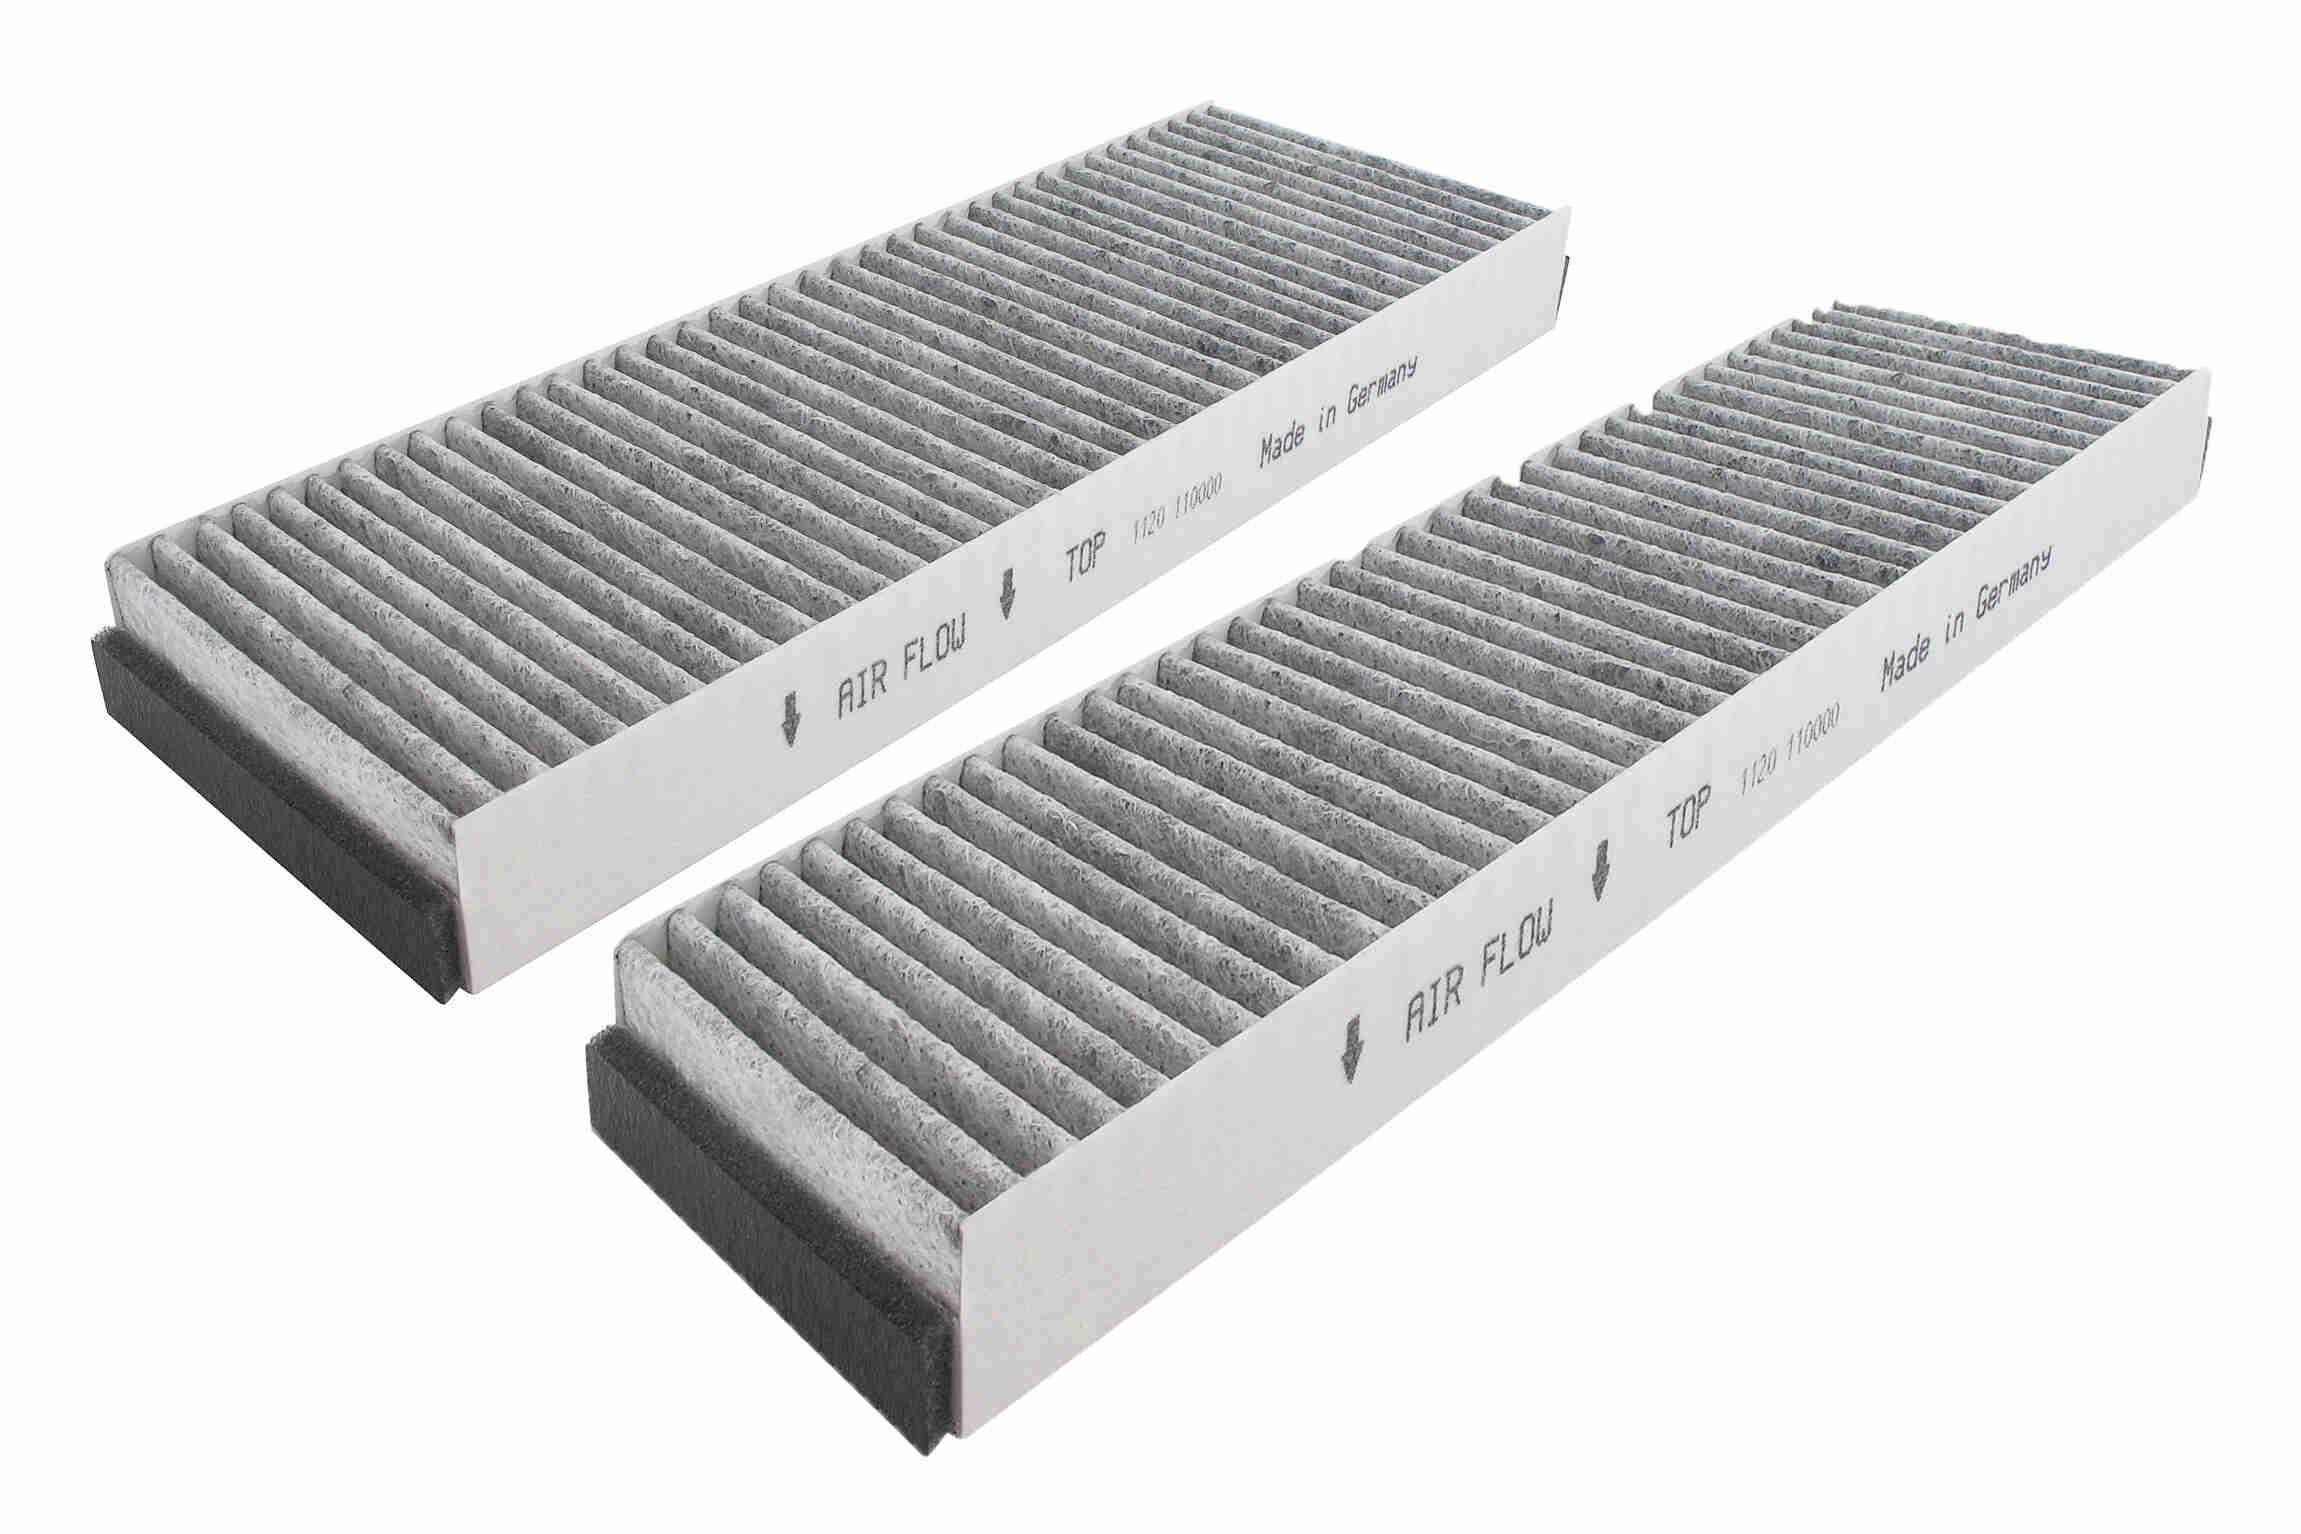 AUDI R8 2020 Innenraumluftfilter - Original VEMO V10-31-5002 Breite: 99mm, Höhe: 30mm, Länge: 307, 312mm